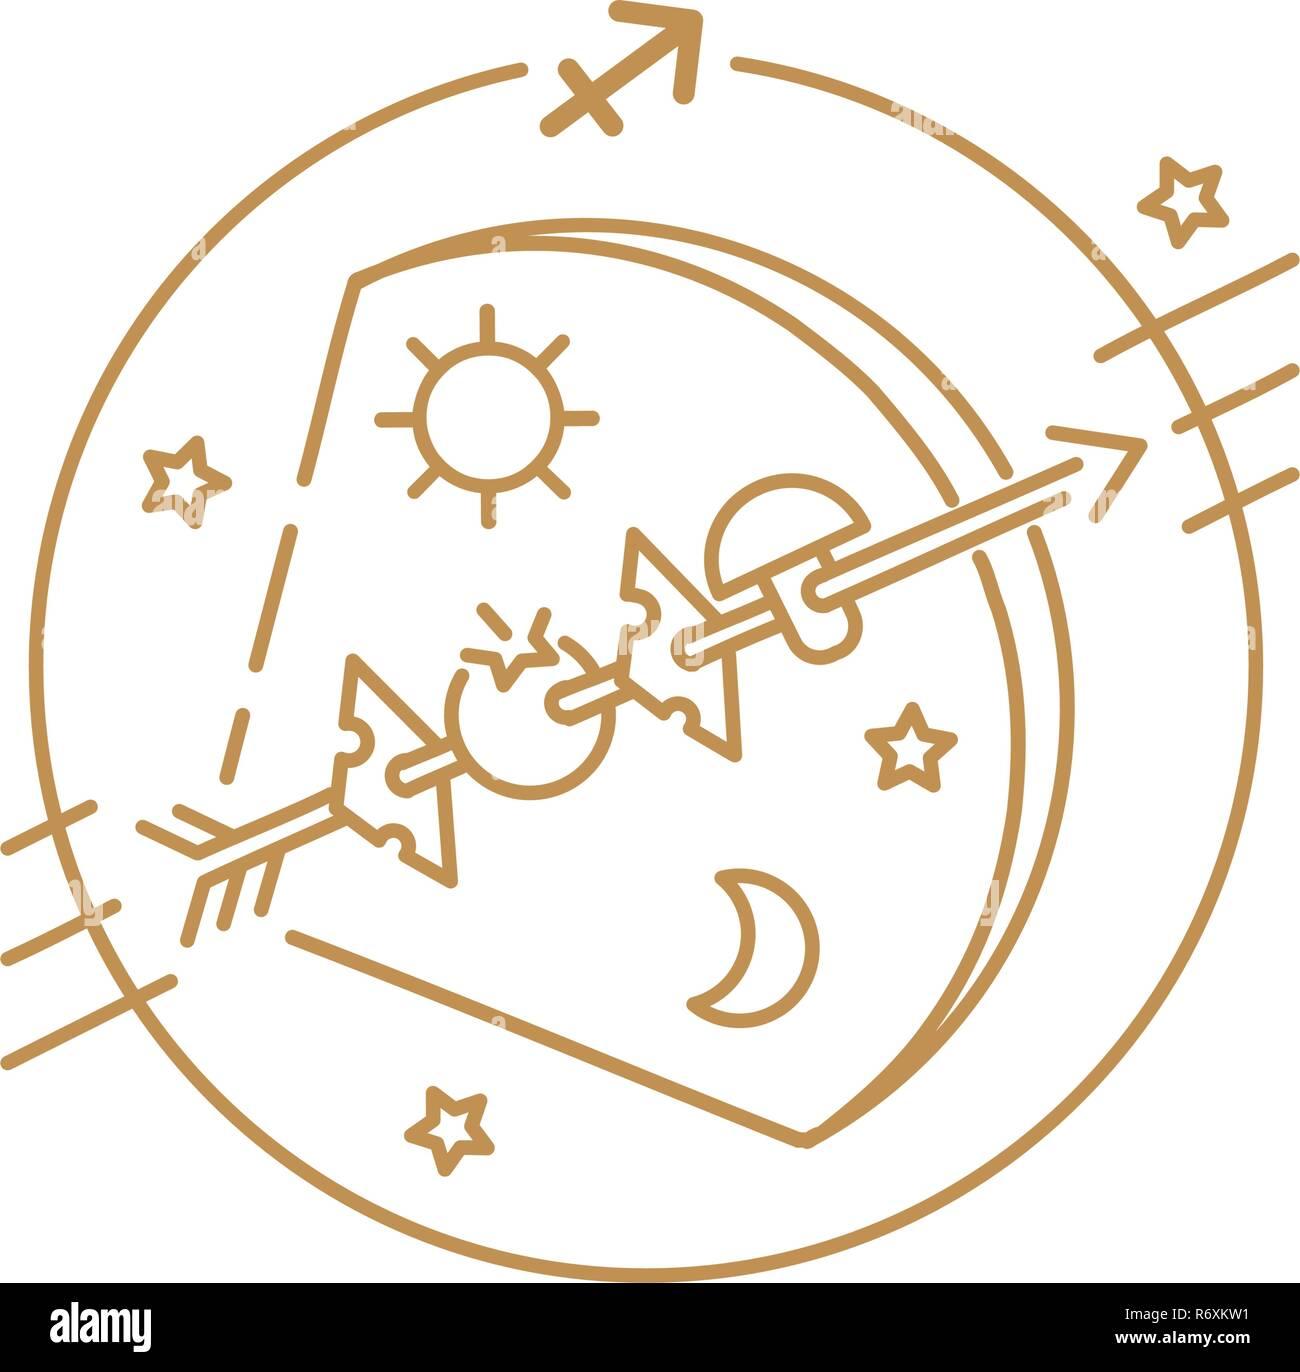 24a8eabb7e748 Vector bow and arrow or Sagittarius zodiac sign, logo, tattoo or  illustration. Food